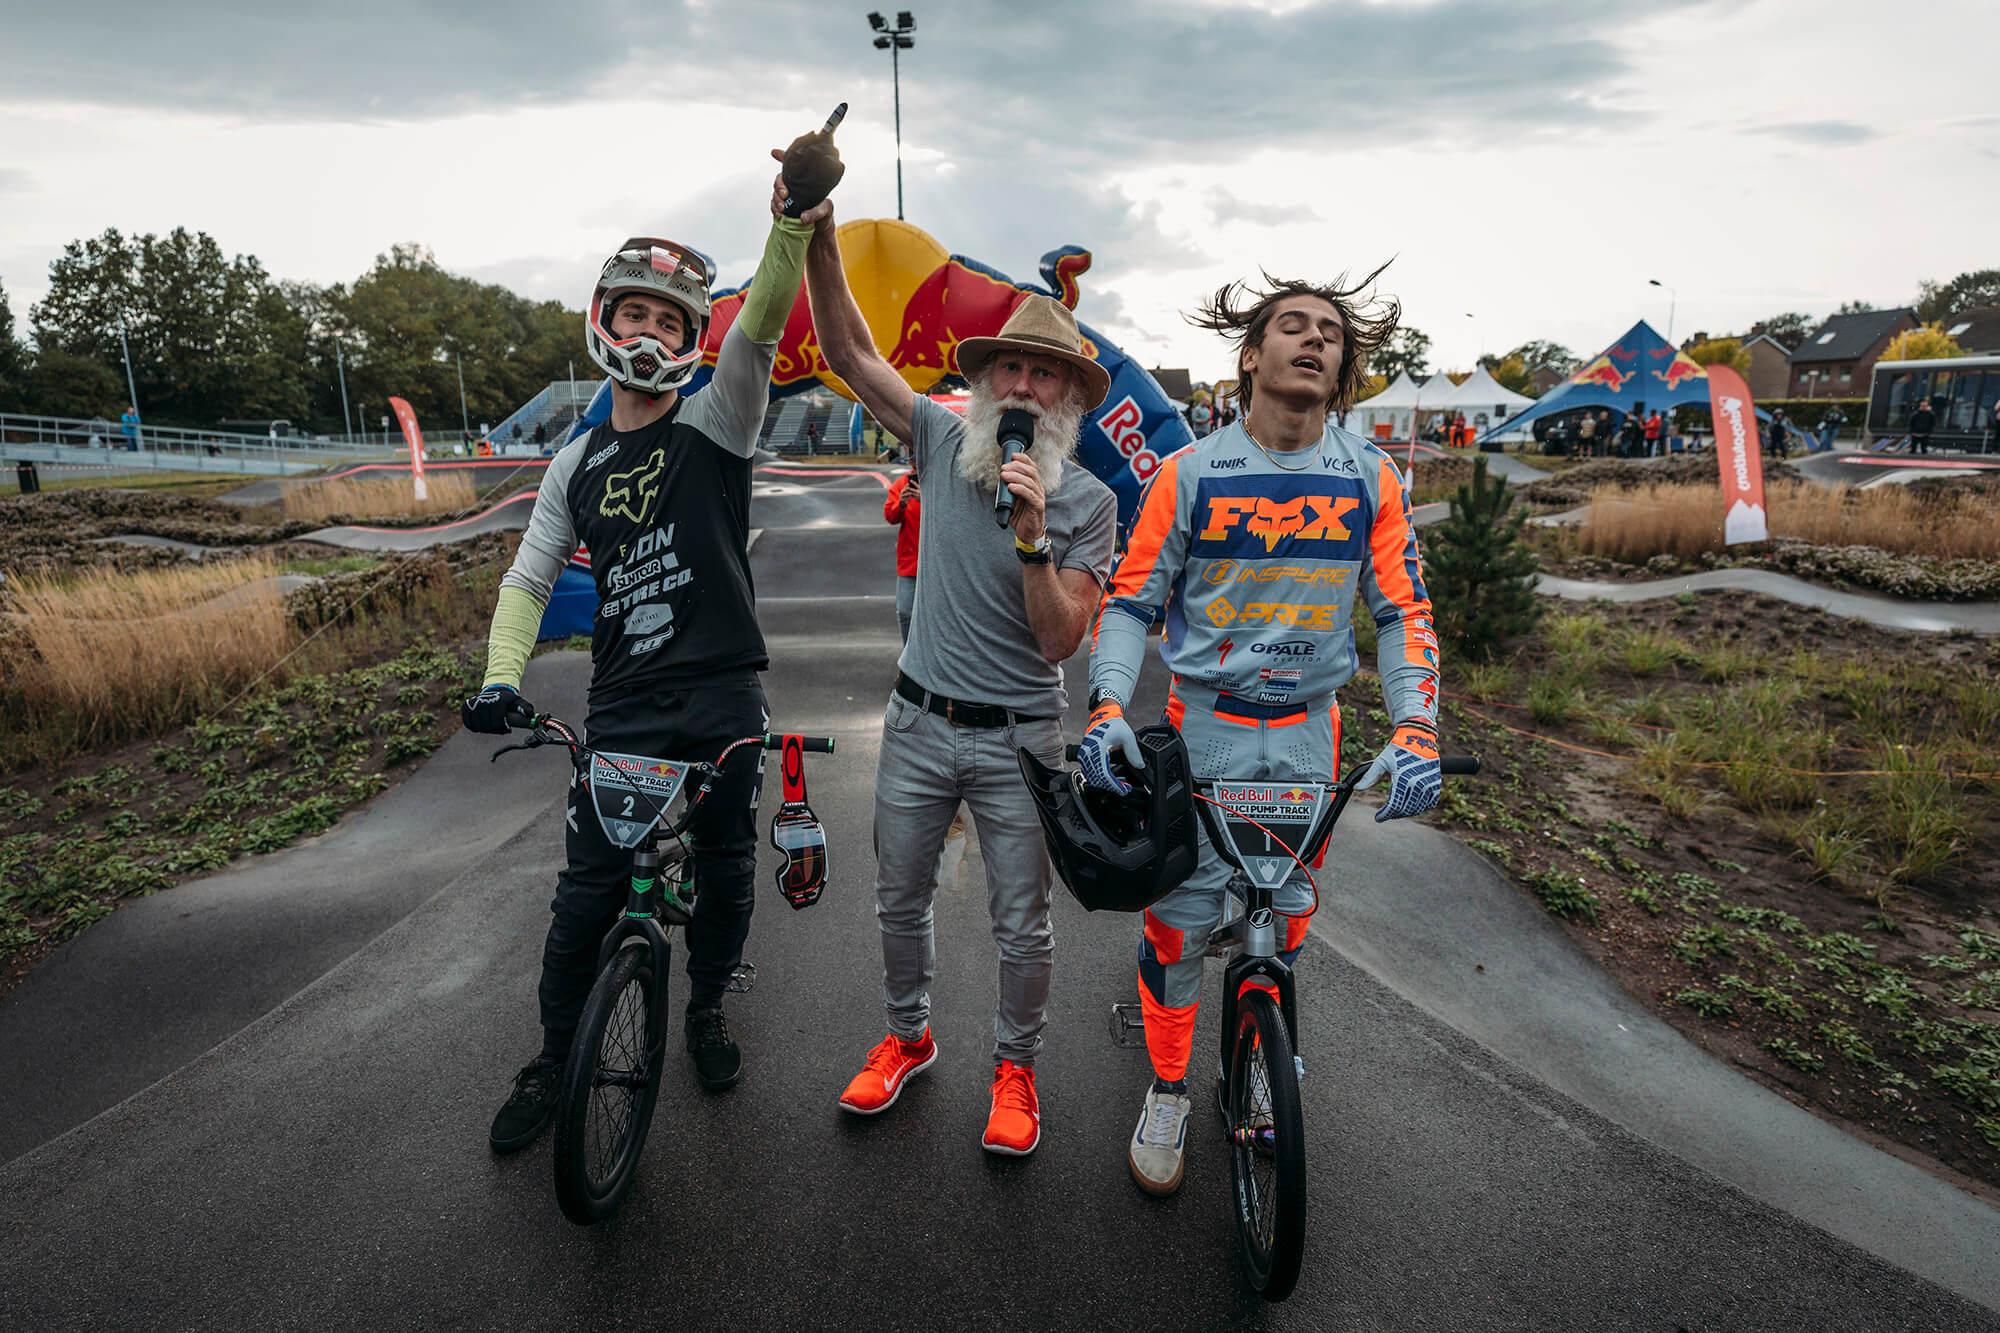 Red Bull Pump Track Roosendaal - Ydwer van der Heide -1812